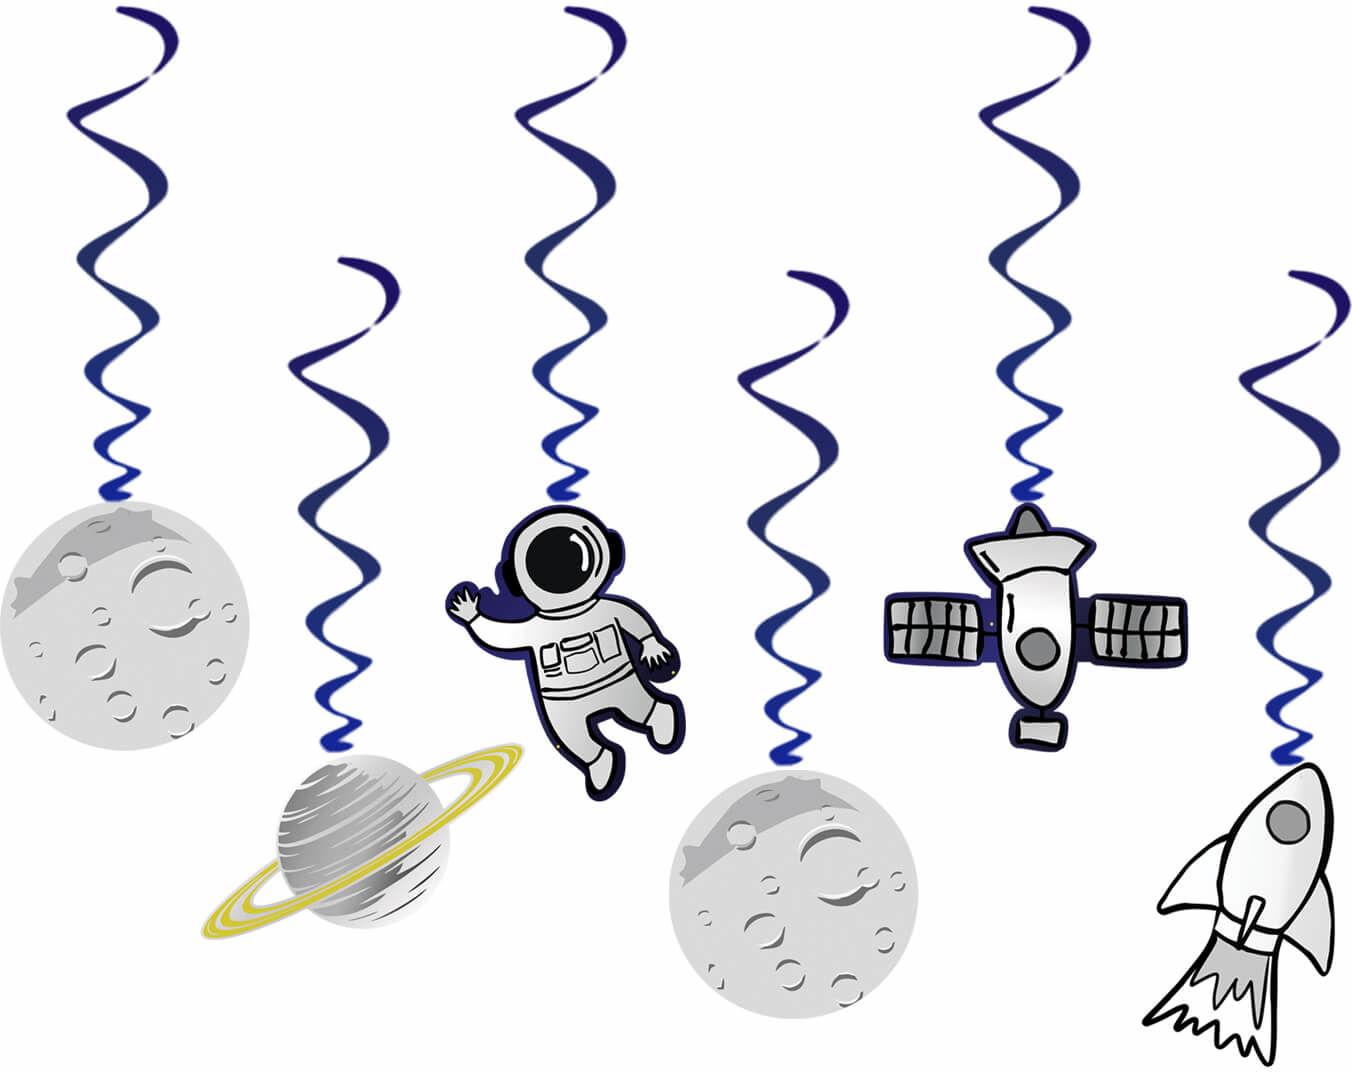 Dekoracja wisząca urodzinowa Kosmos - 6 szt.